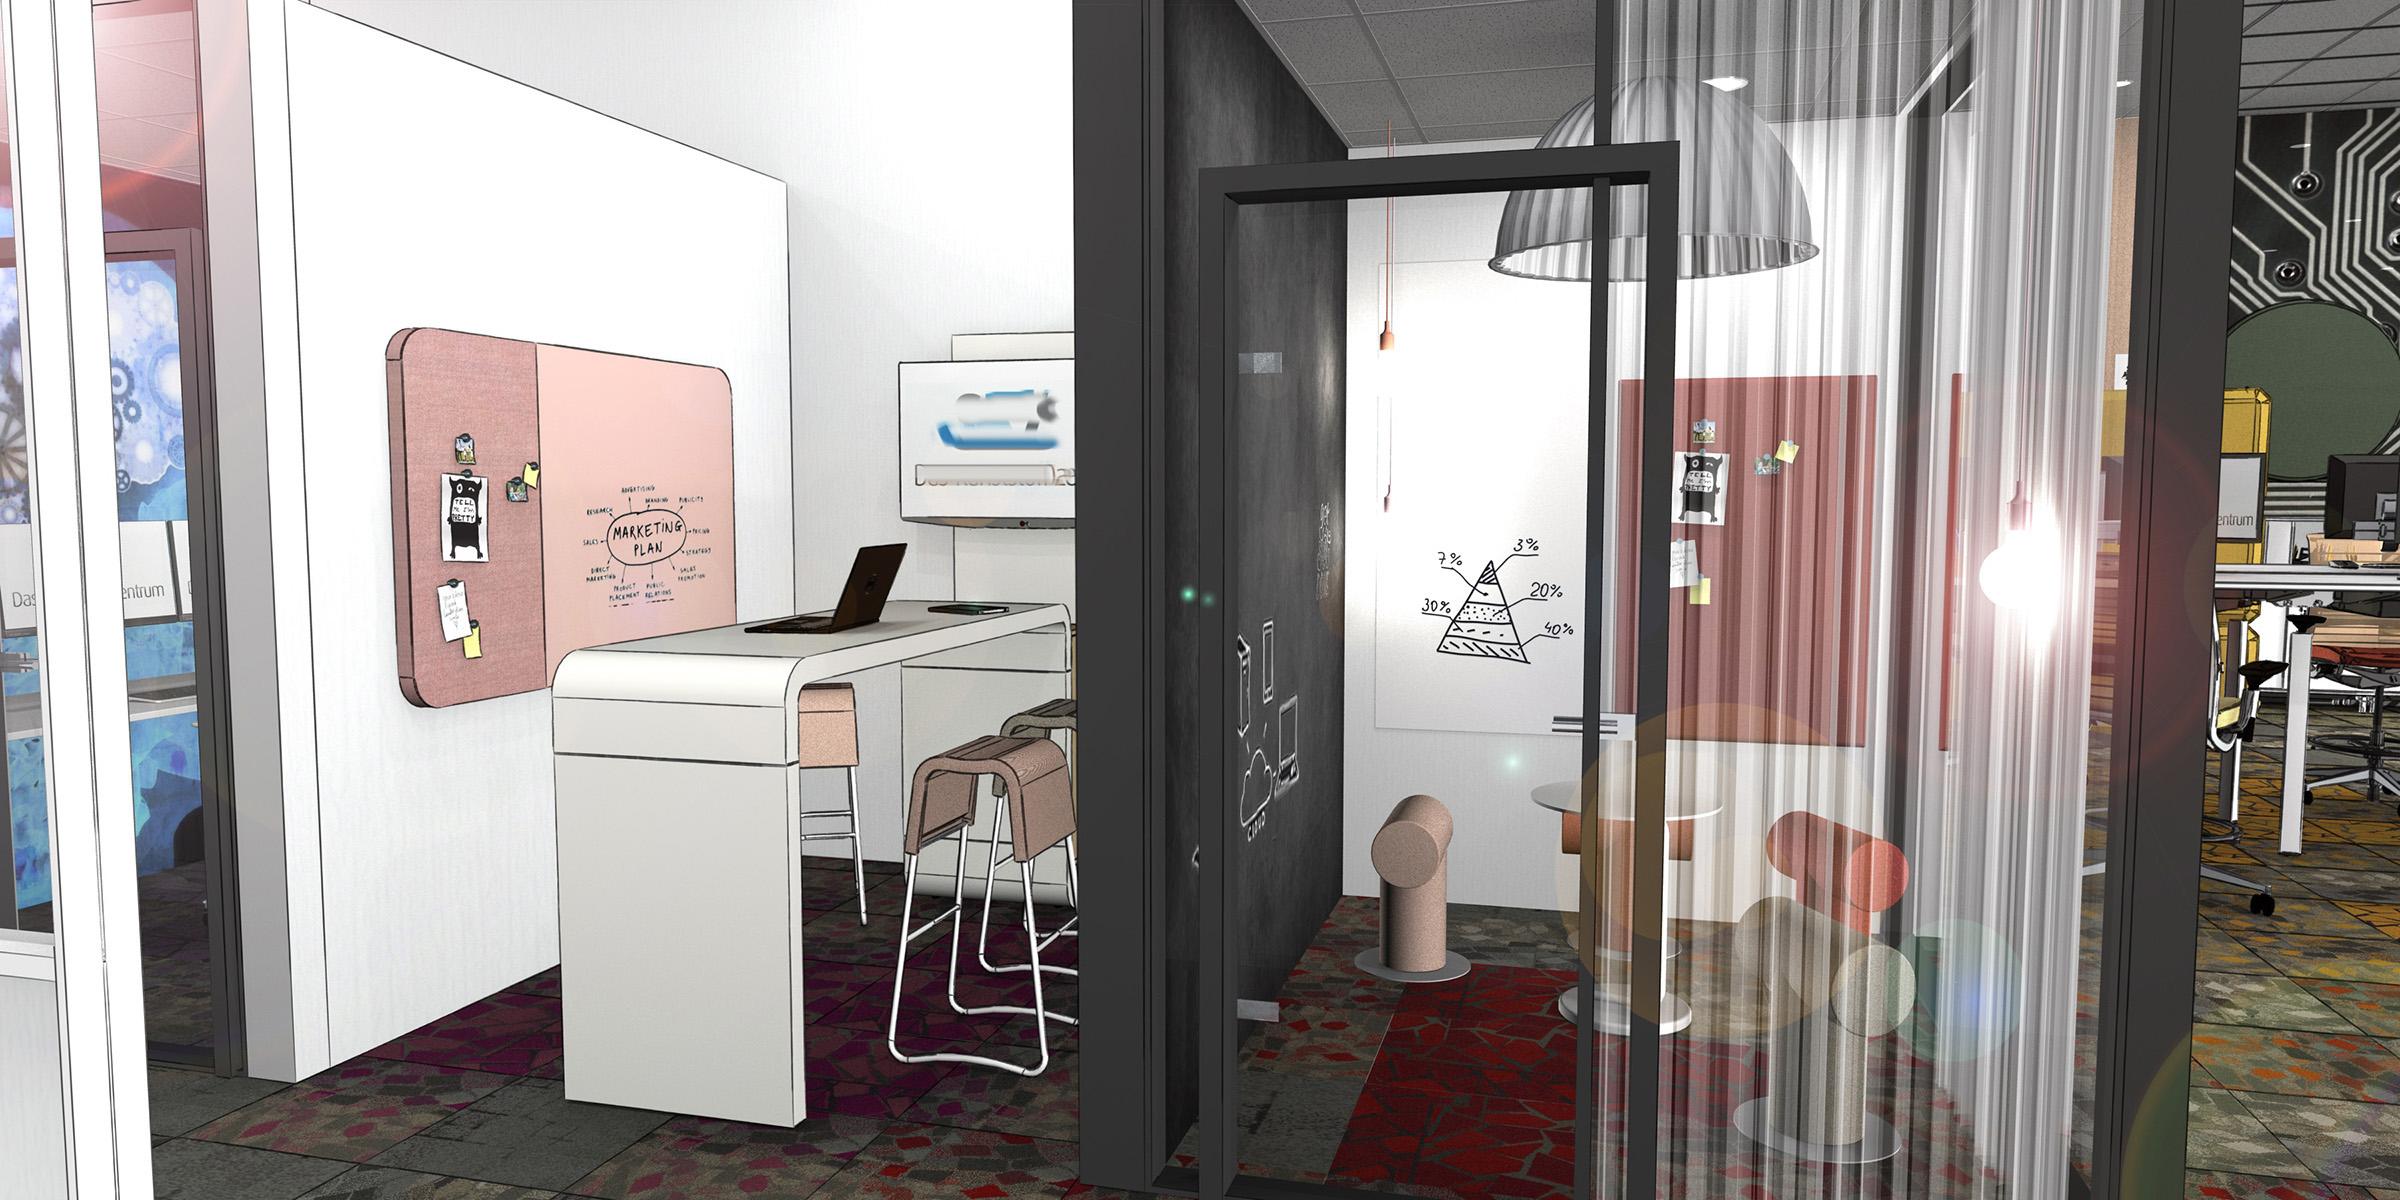 Thinktank, Besprechungsraum, Teamraum für temporäre Arbeit in einem Büro, neue Arbeitwelten, Inenanrchitektur 3D Rendering